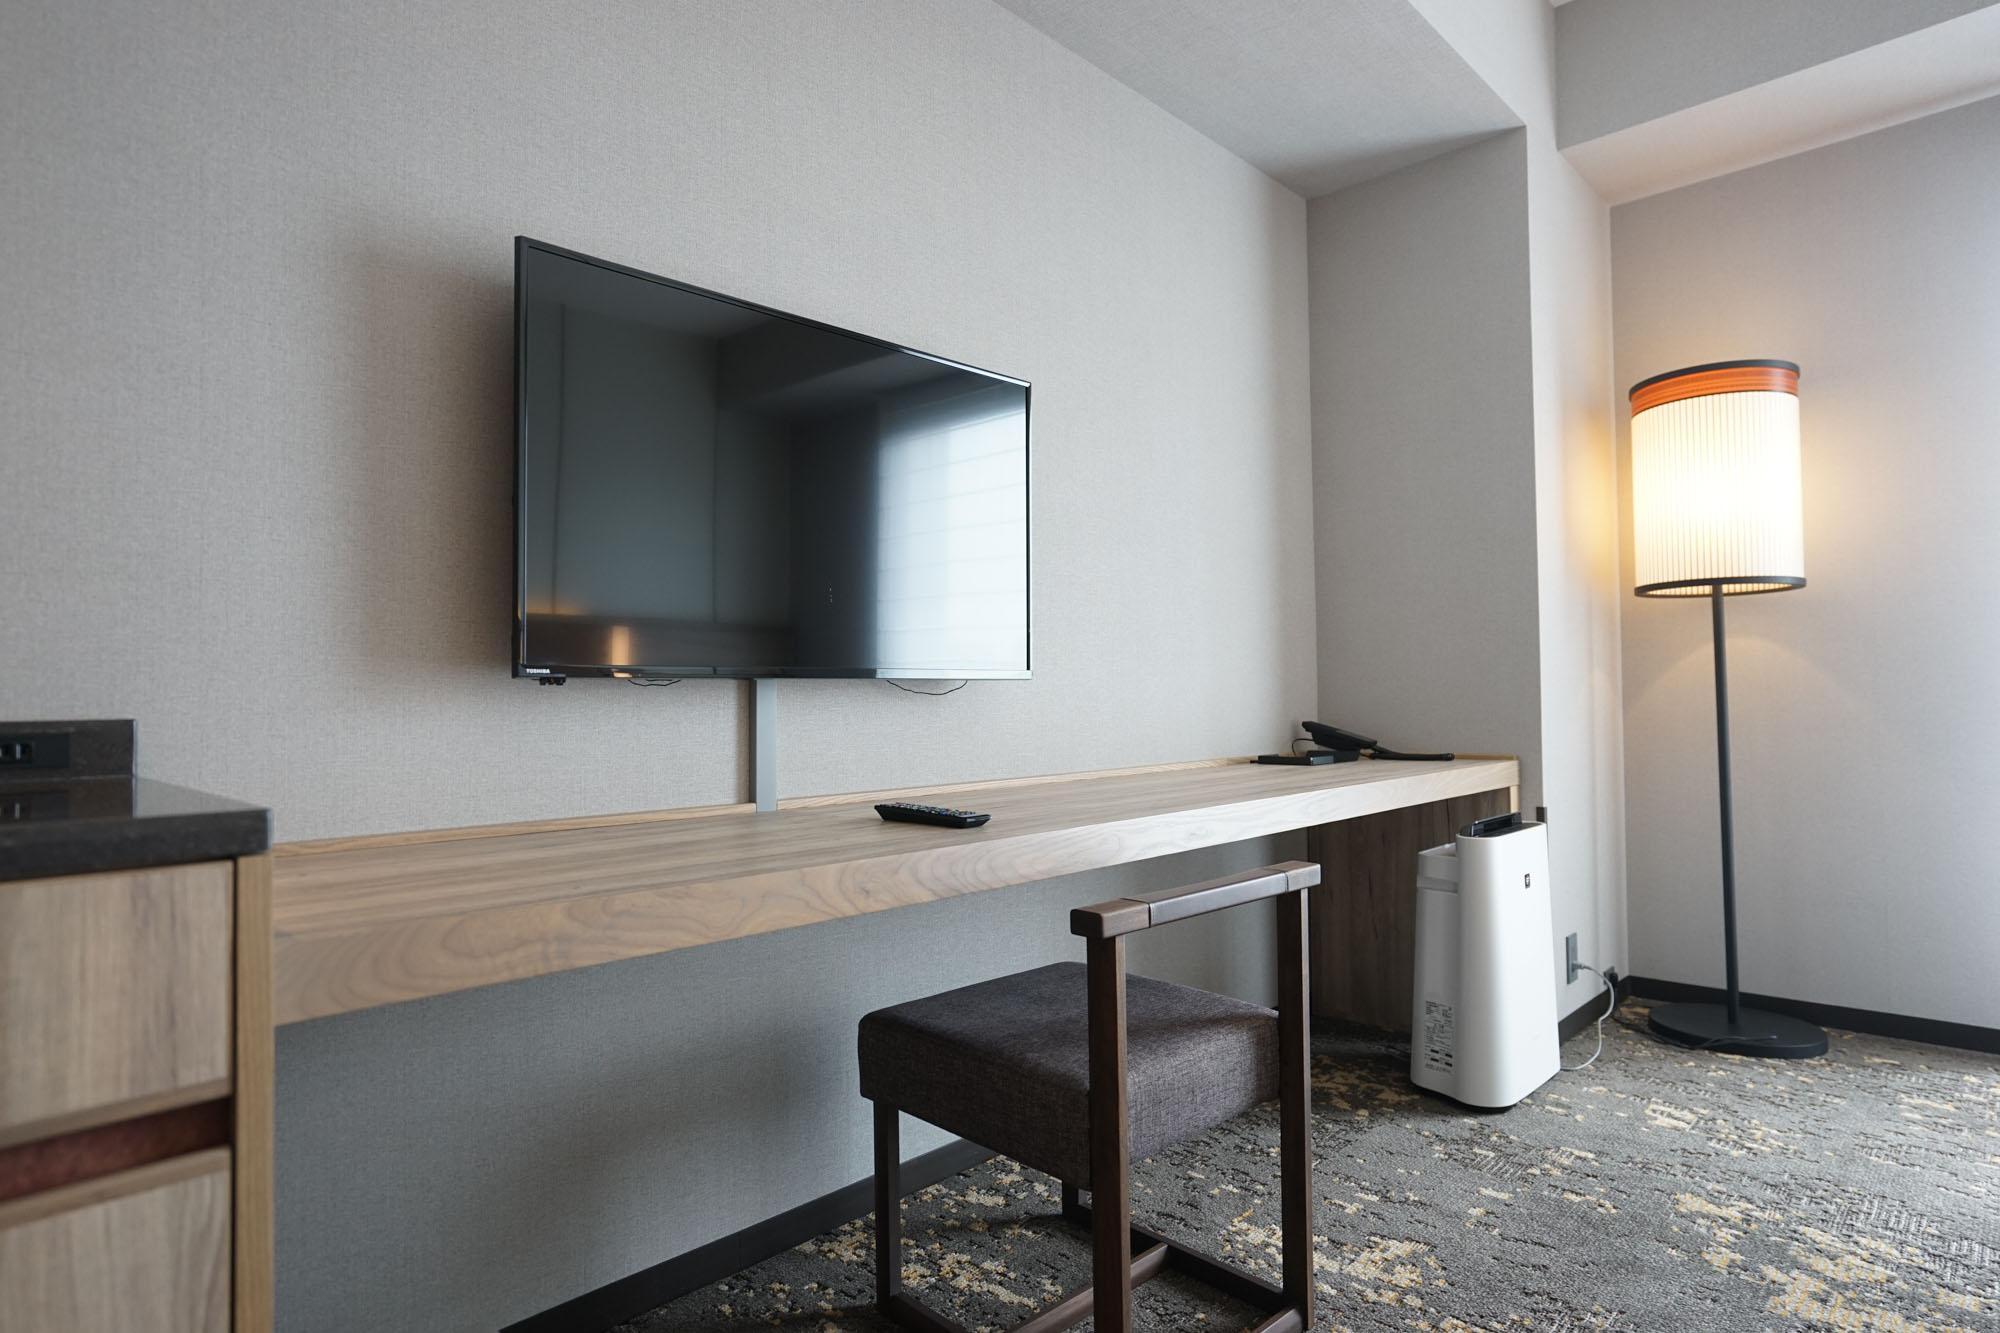 ベッドの向かい側には、横に長いカウンターテーブルがあります。仕事をしたり、ちょっとお茶をしたり、幅がかなりあるので便利に使えそうです。